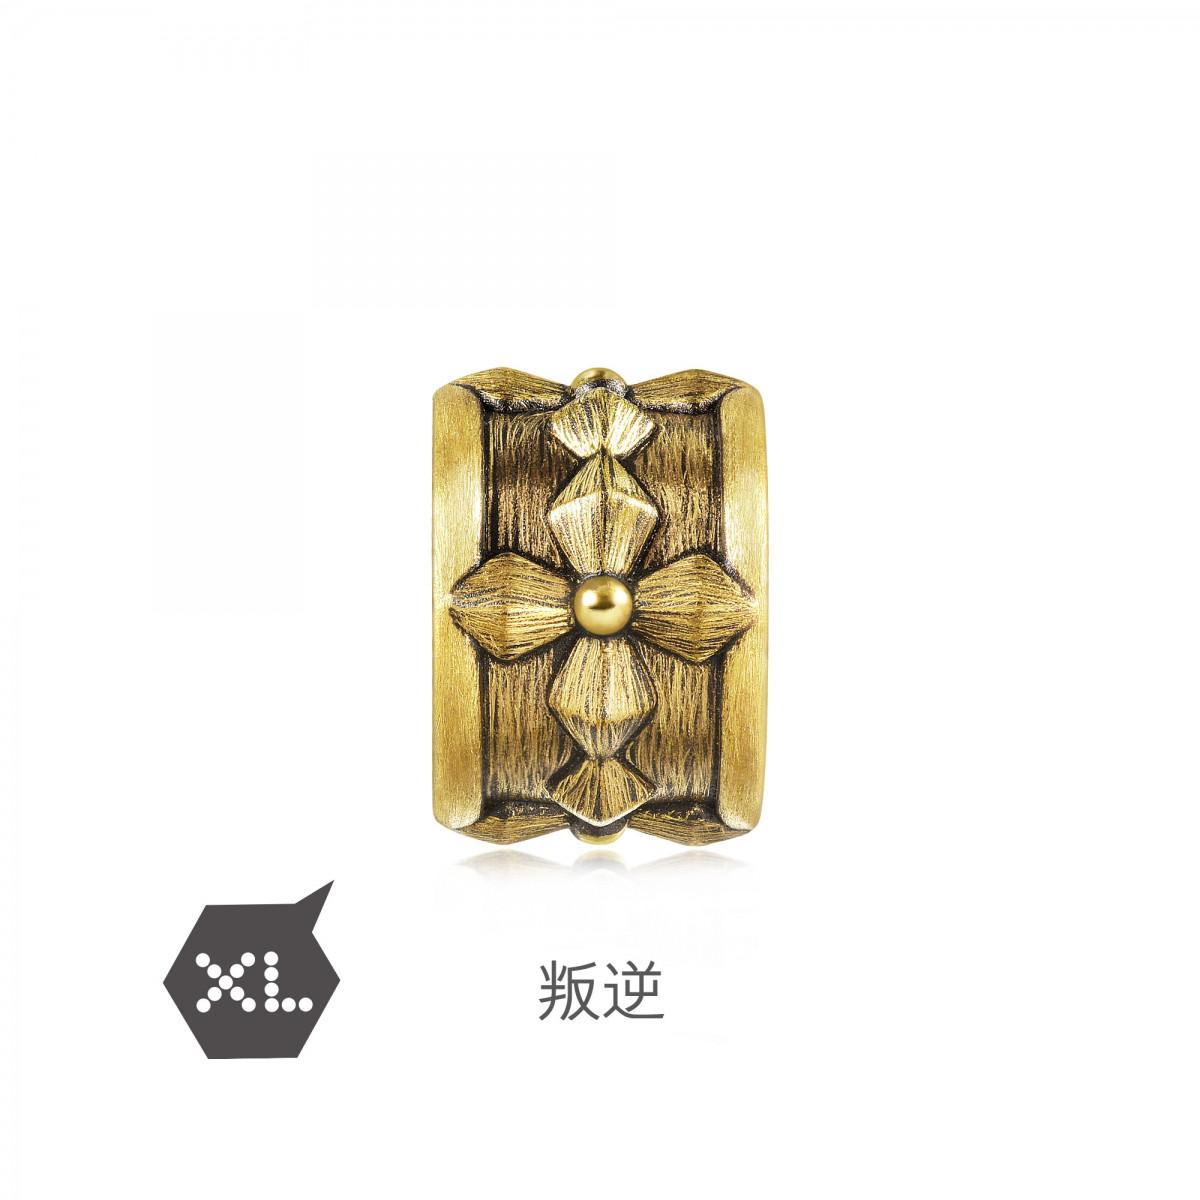 周生生【白敬亭代言】周生生叛逆XL黄金转运珠(配绳需另购)90393CB000001如图